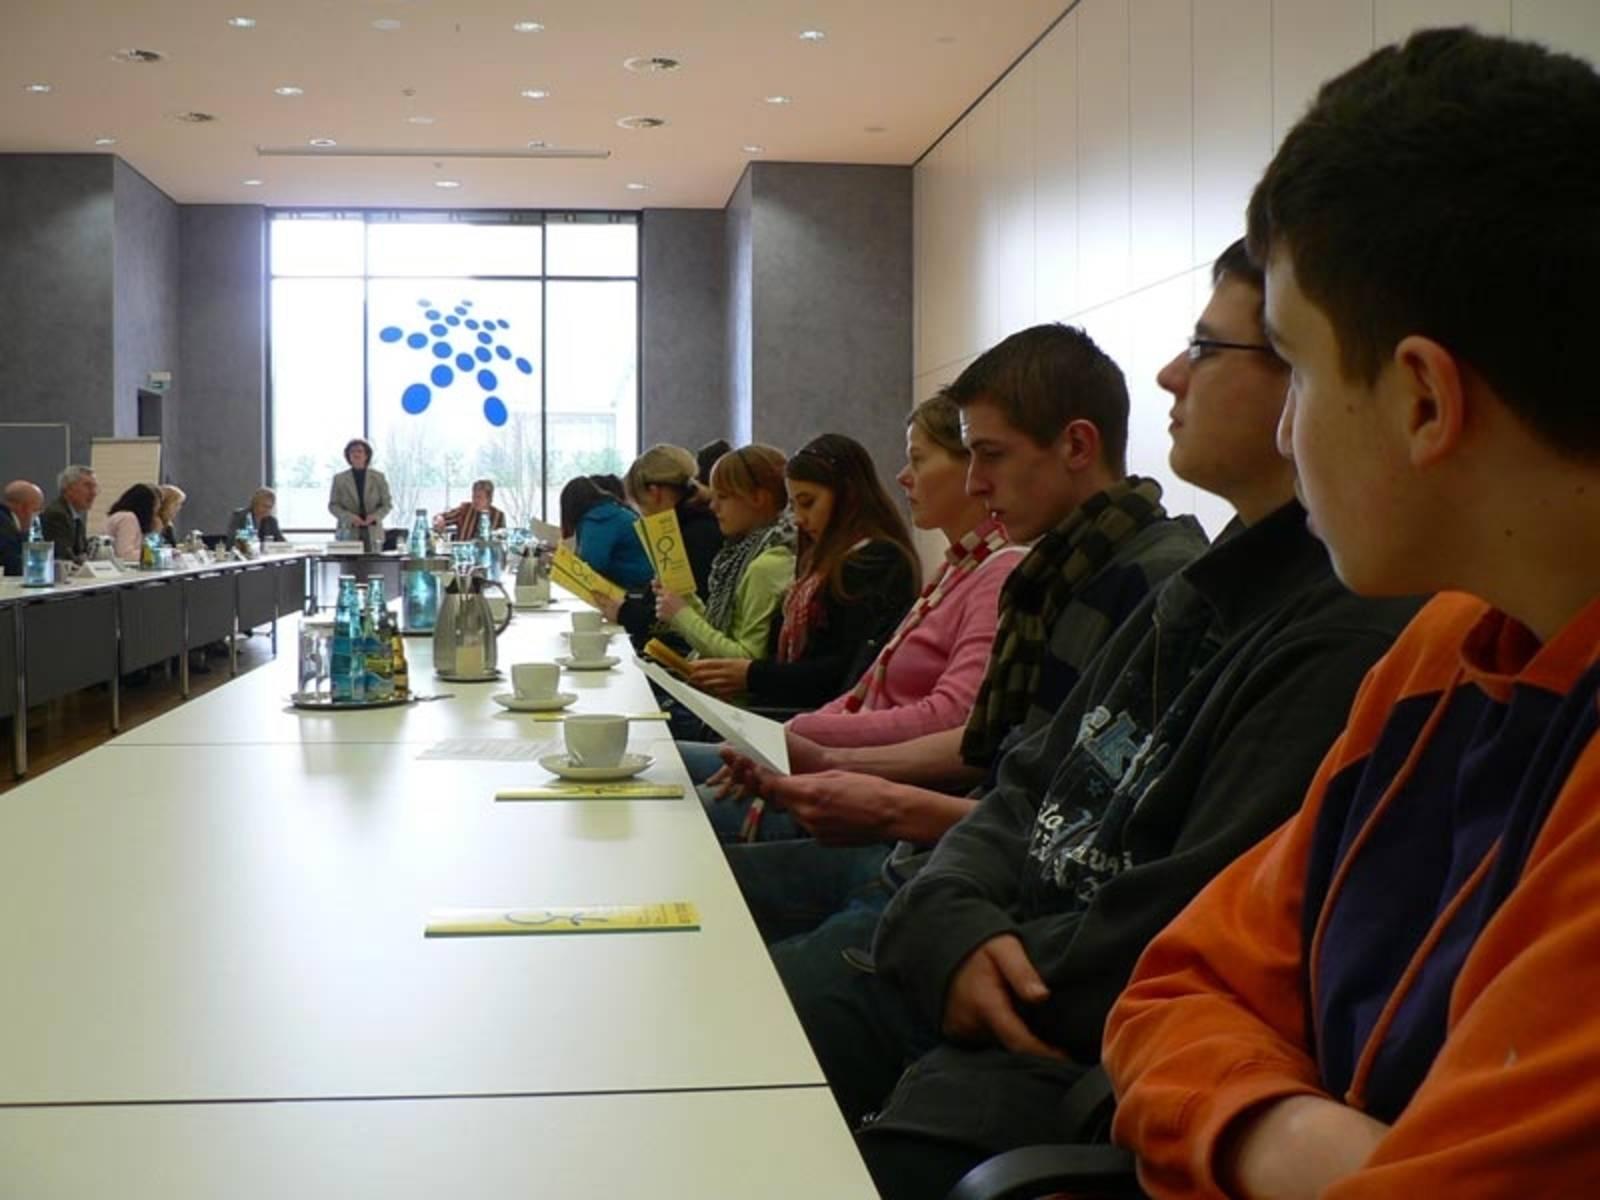 Schülerinnen und Schüler am einm langen Konferenztisch an dessen Ende eine Frau steht